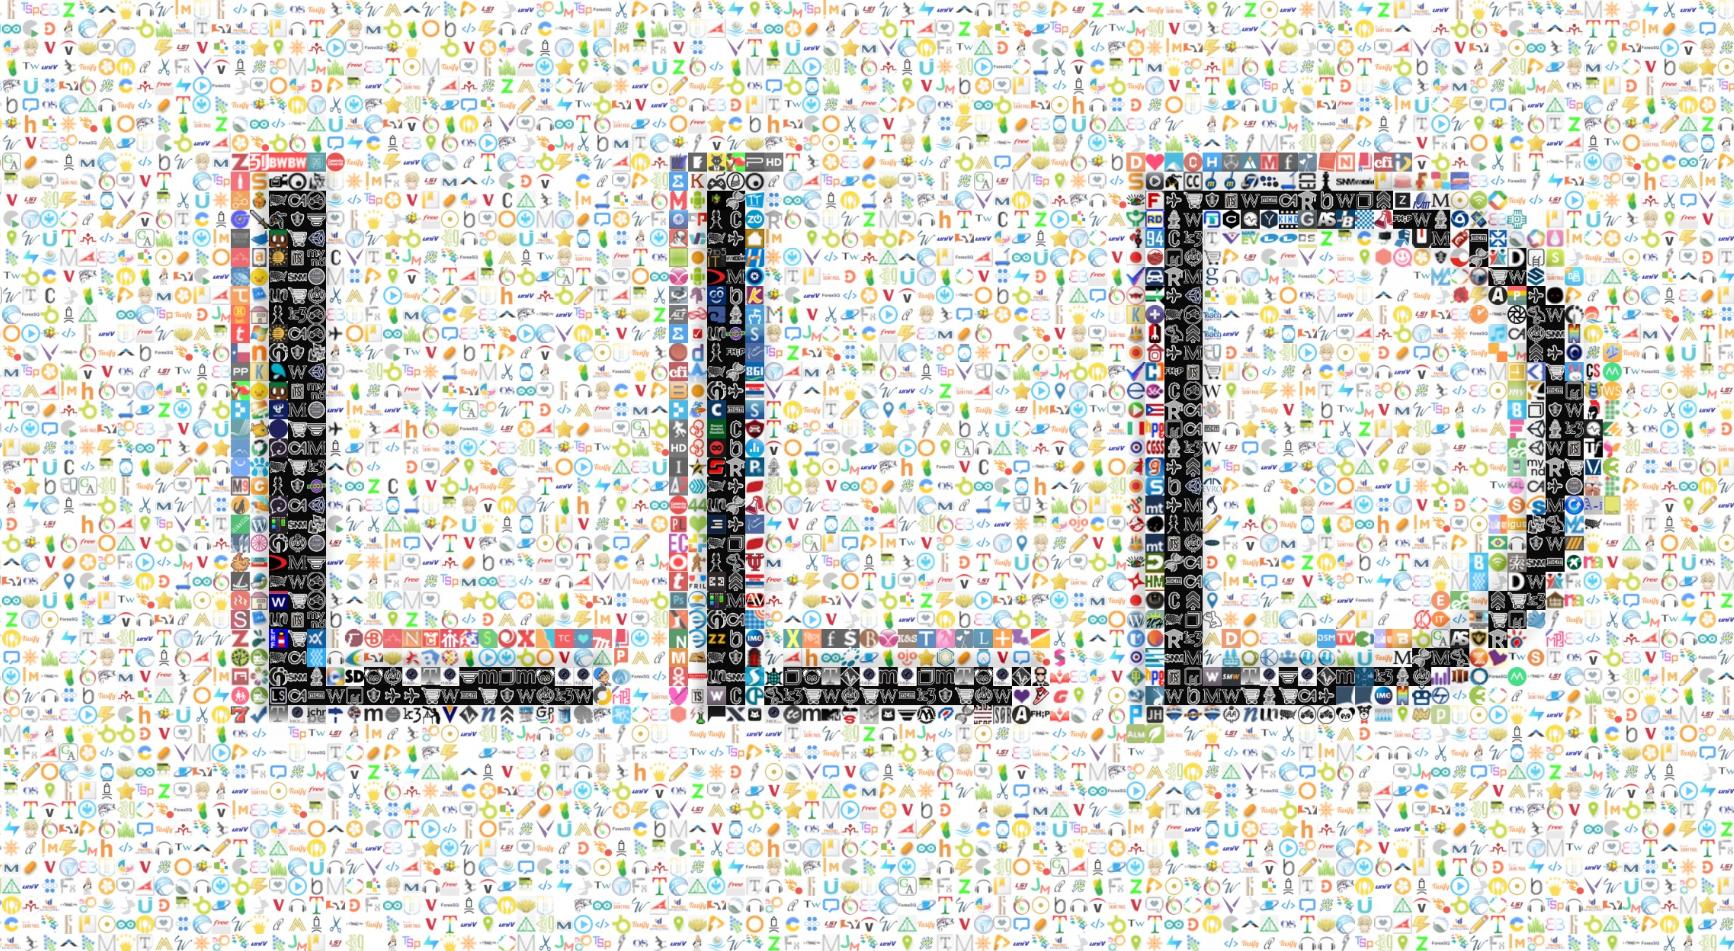 LLD - Large Logo Dataset